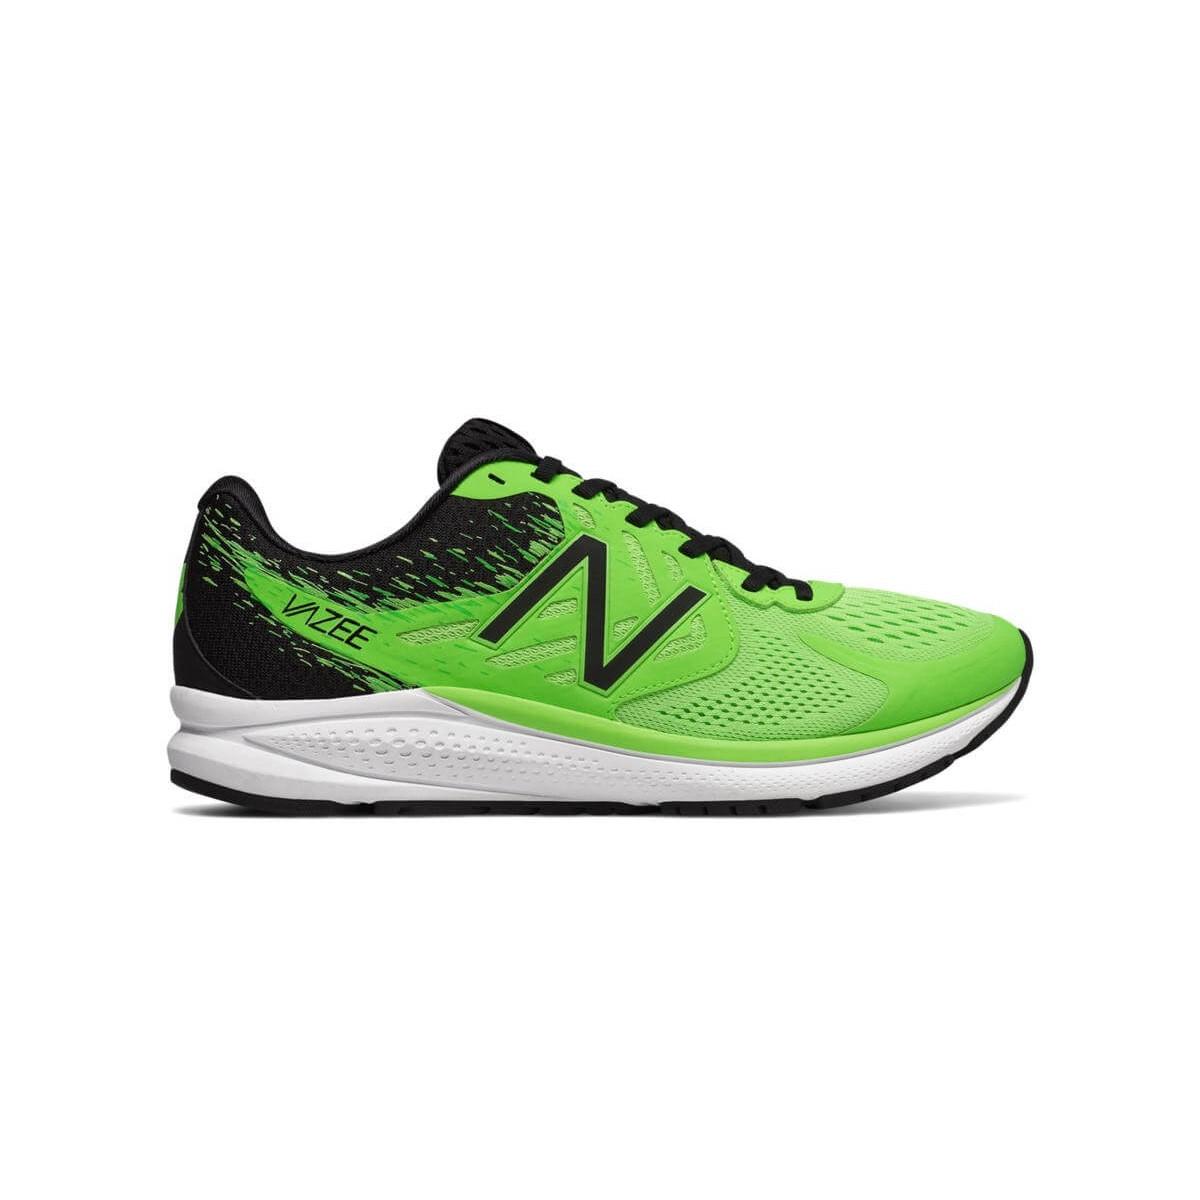 New Balance 80 V2 Zapatillas de correr